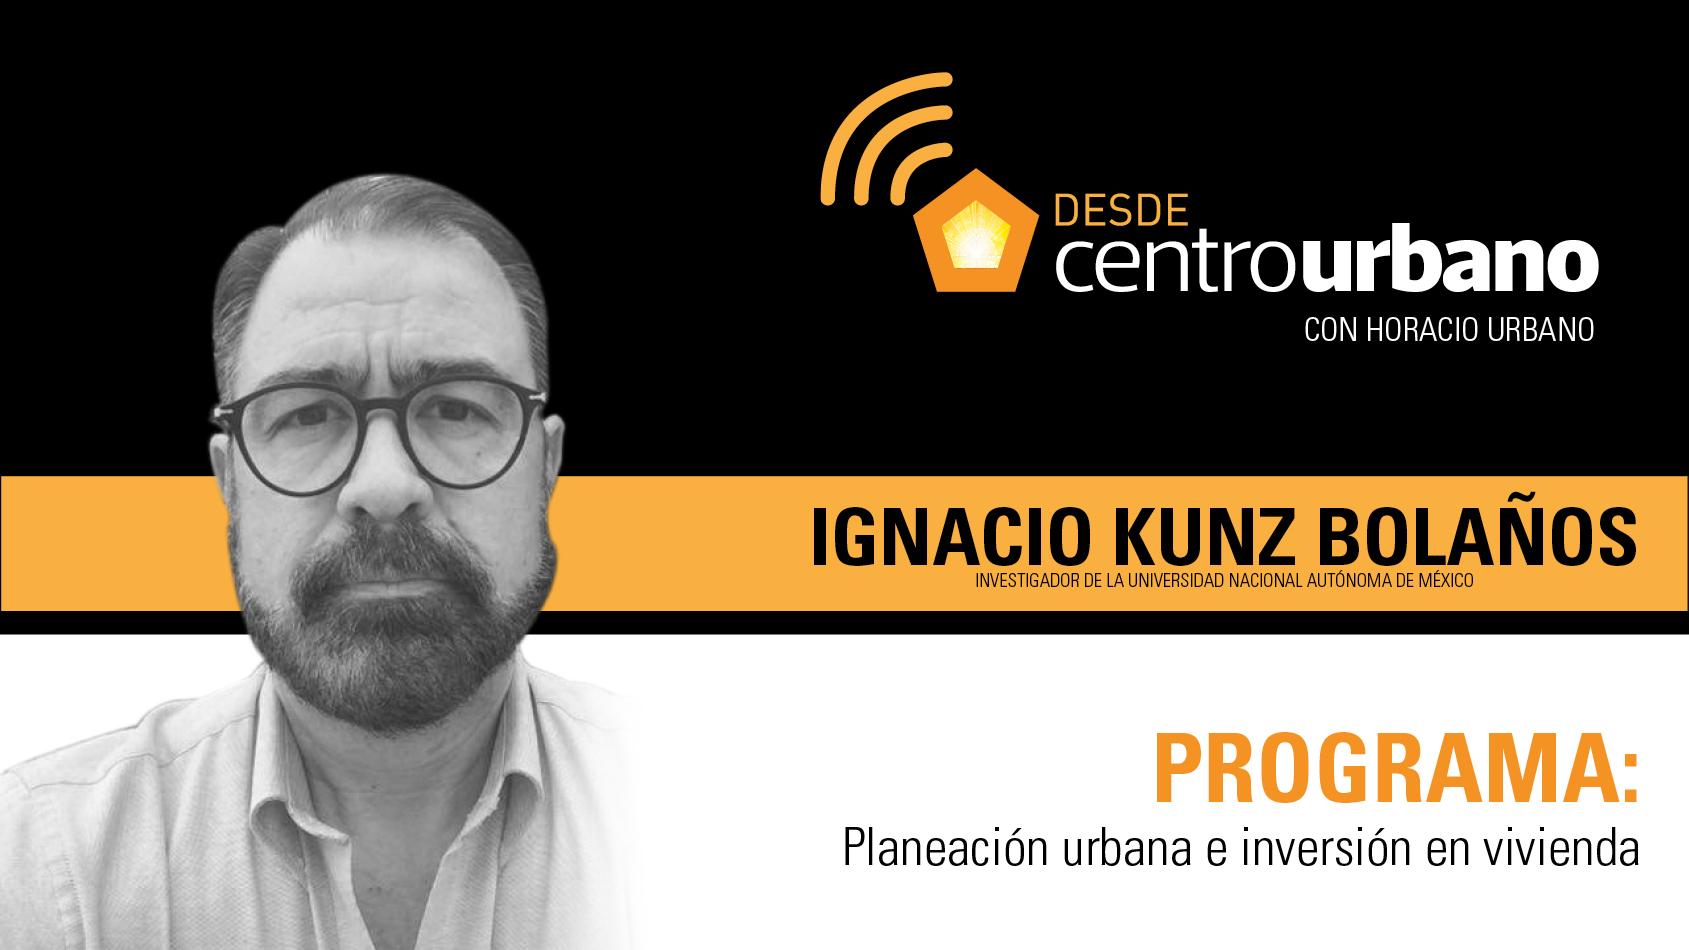 Planeación urbana e inversión en vivienda